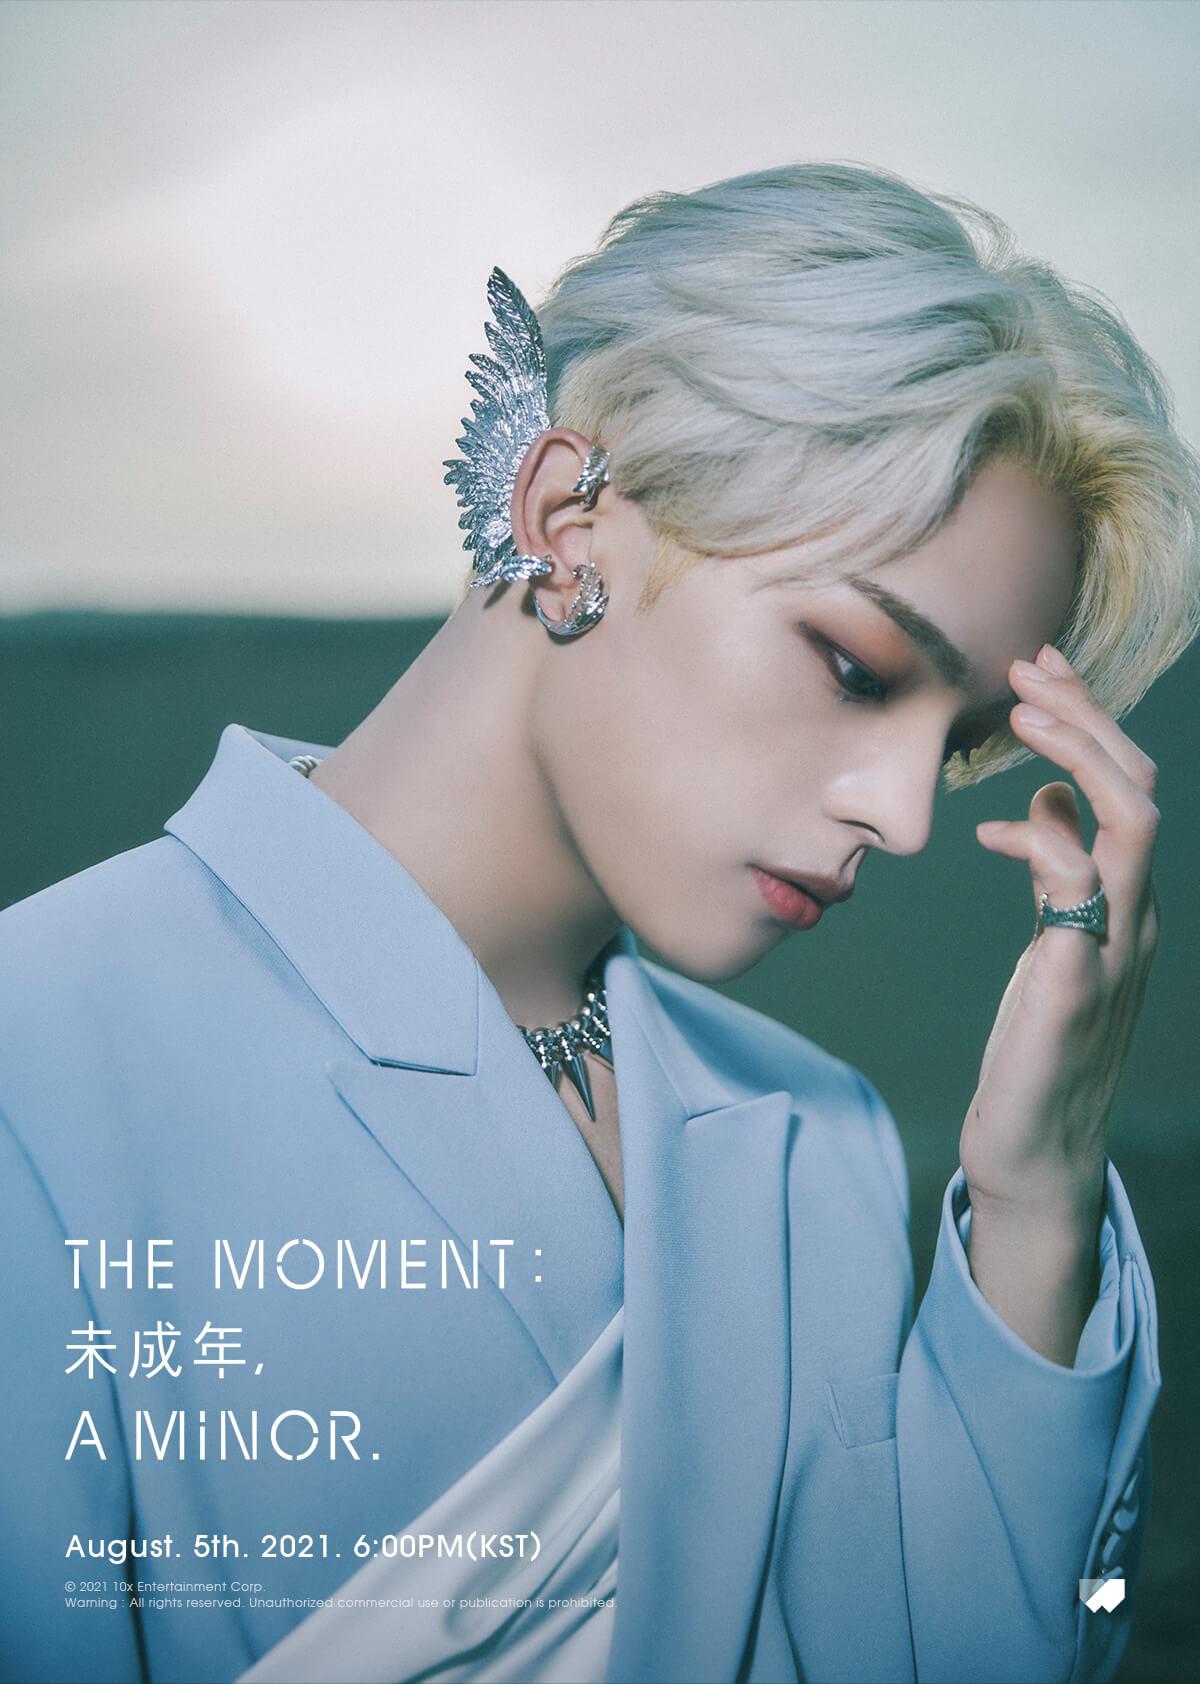 5일(목), 김우진 미니 앨범 1집 'The moment : 未成年, a minor.' 발매 | 인스티즈